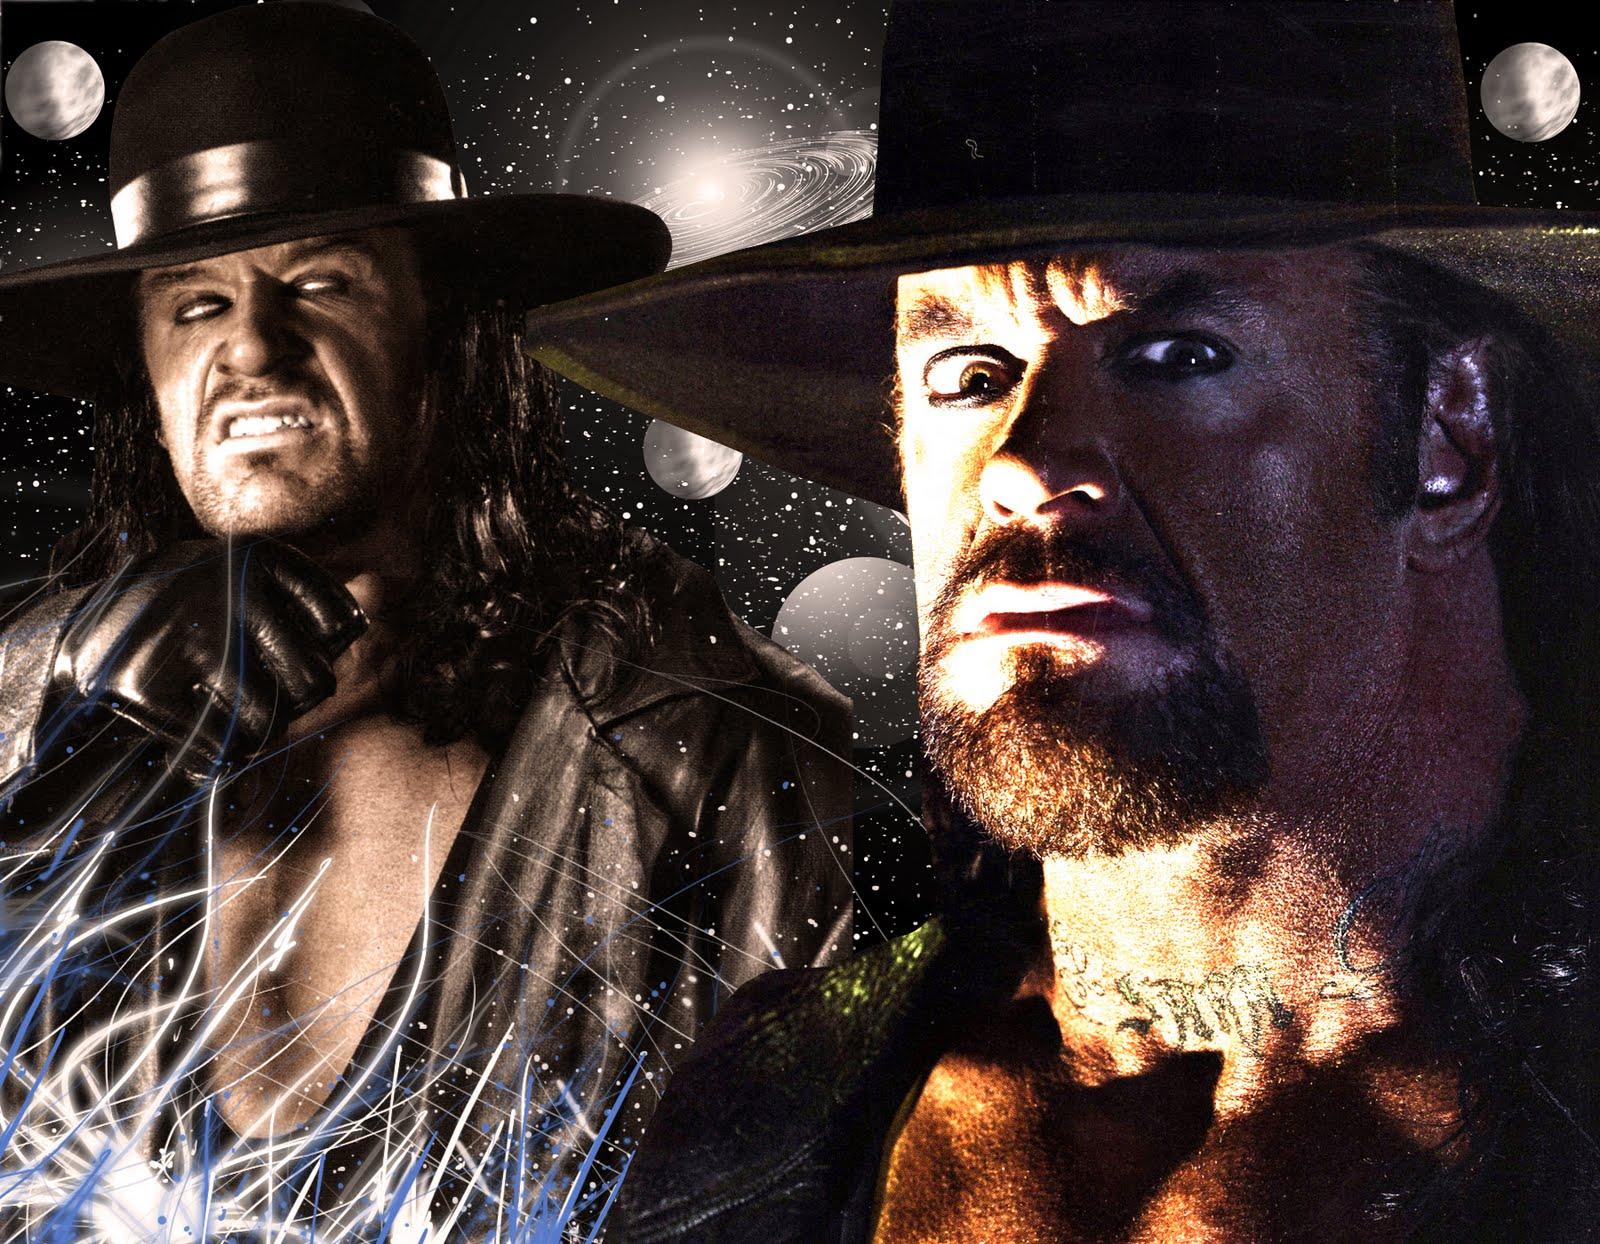 http://3.bp.blogspot.com/-kFKt4ZO3Oww/TcKoE3VFROI/AAAAAAAACZ0/MqEyOkECT54/s1600/The_Undertaker_Wallpaper_by_Marco8ynwa.jpg